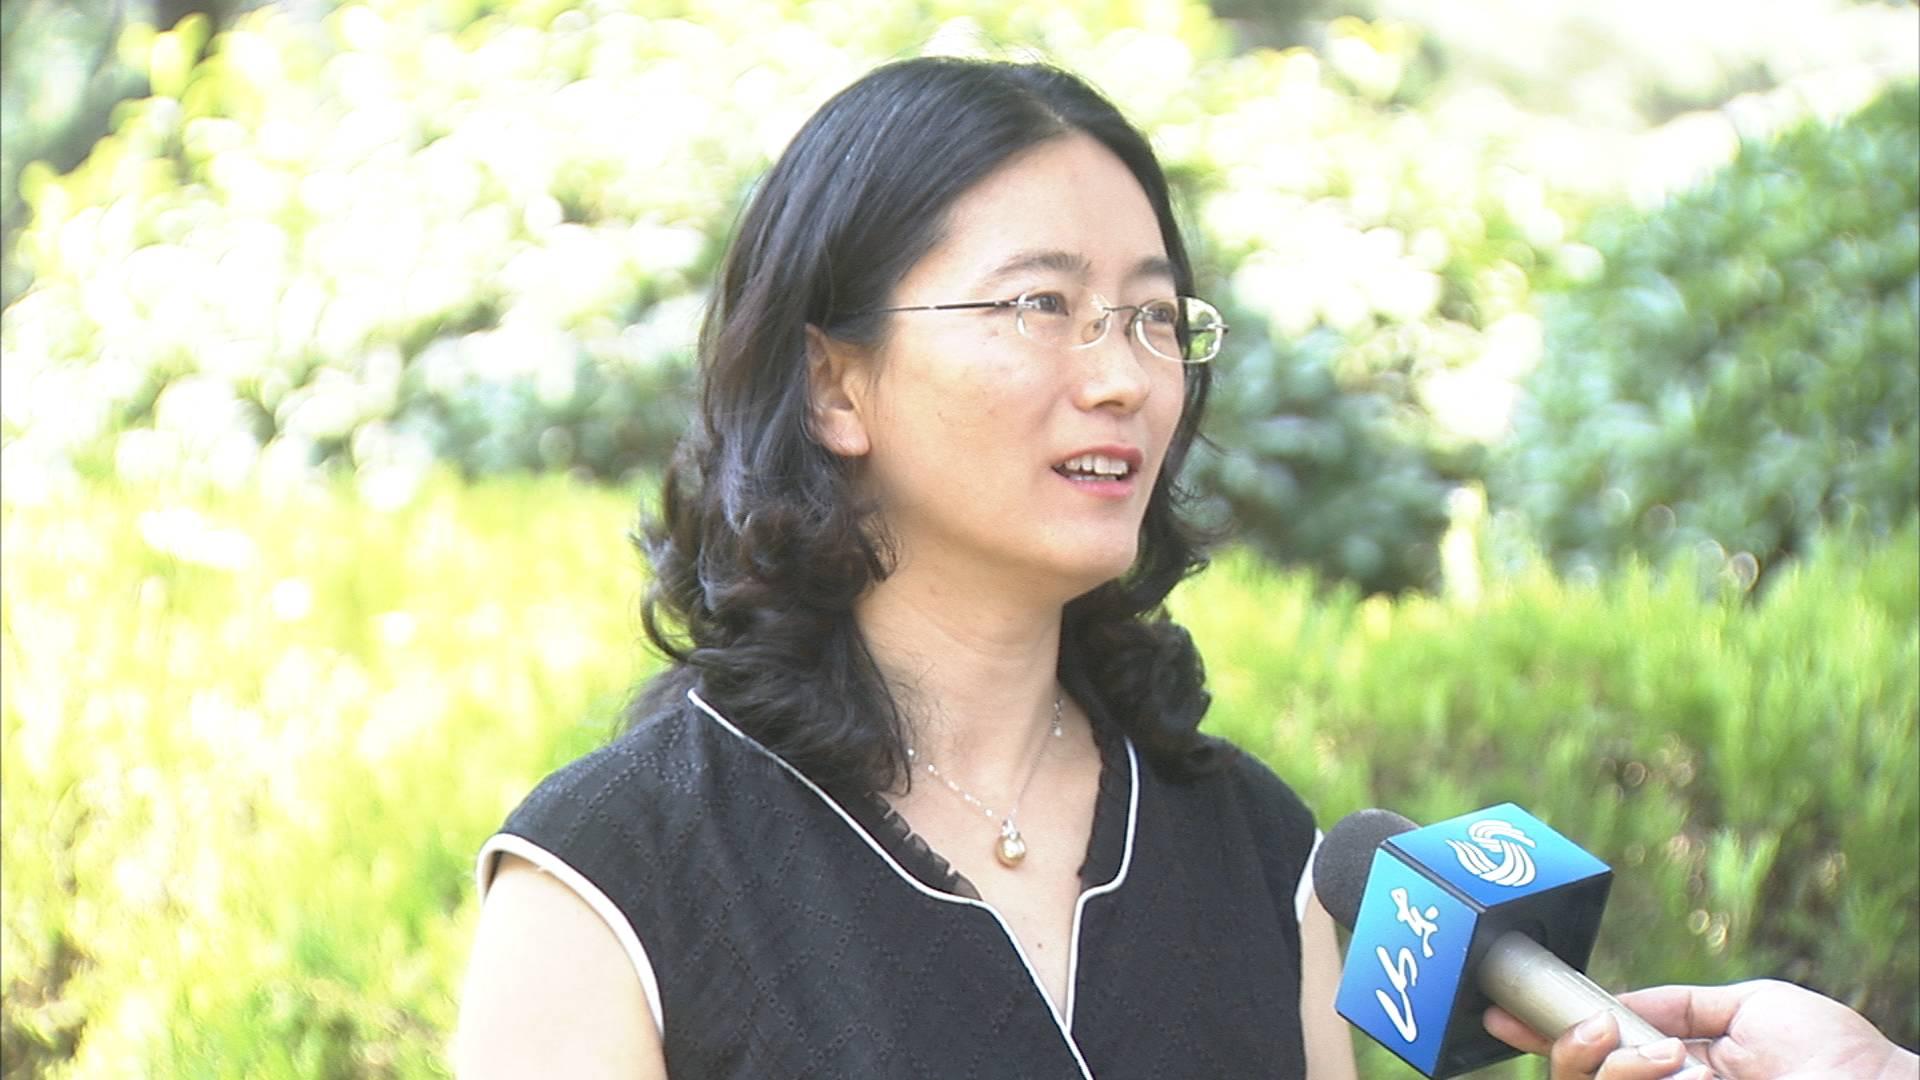 总书记来到我们身边|齐鲁制药总裁李燕:创新是我们必须要迈的一个坎